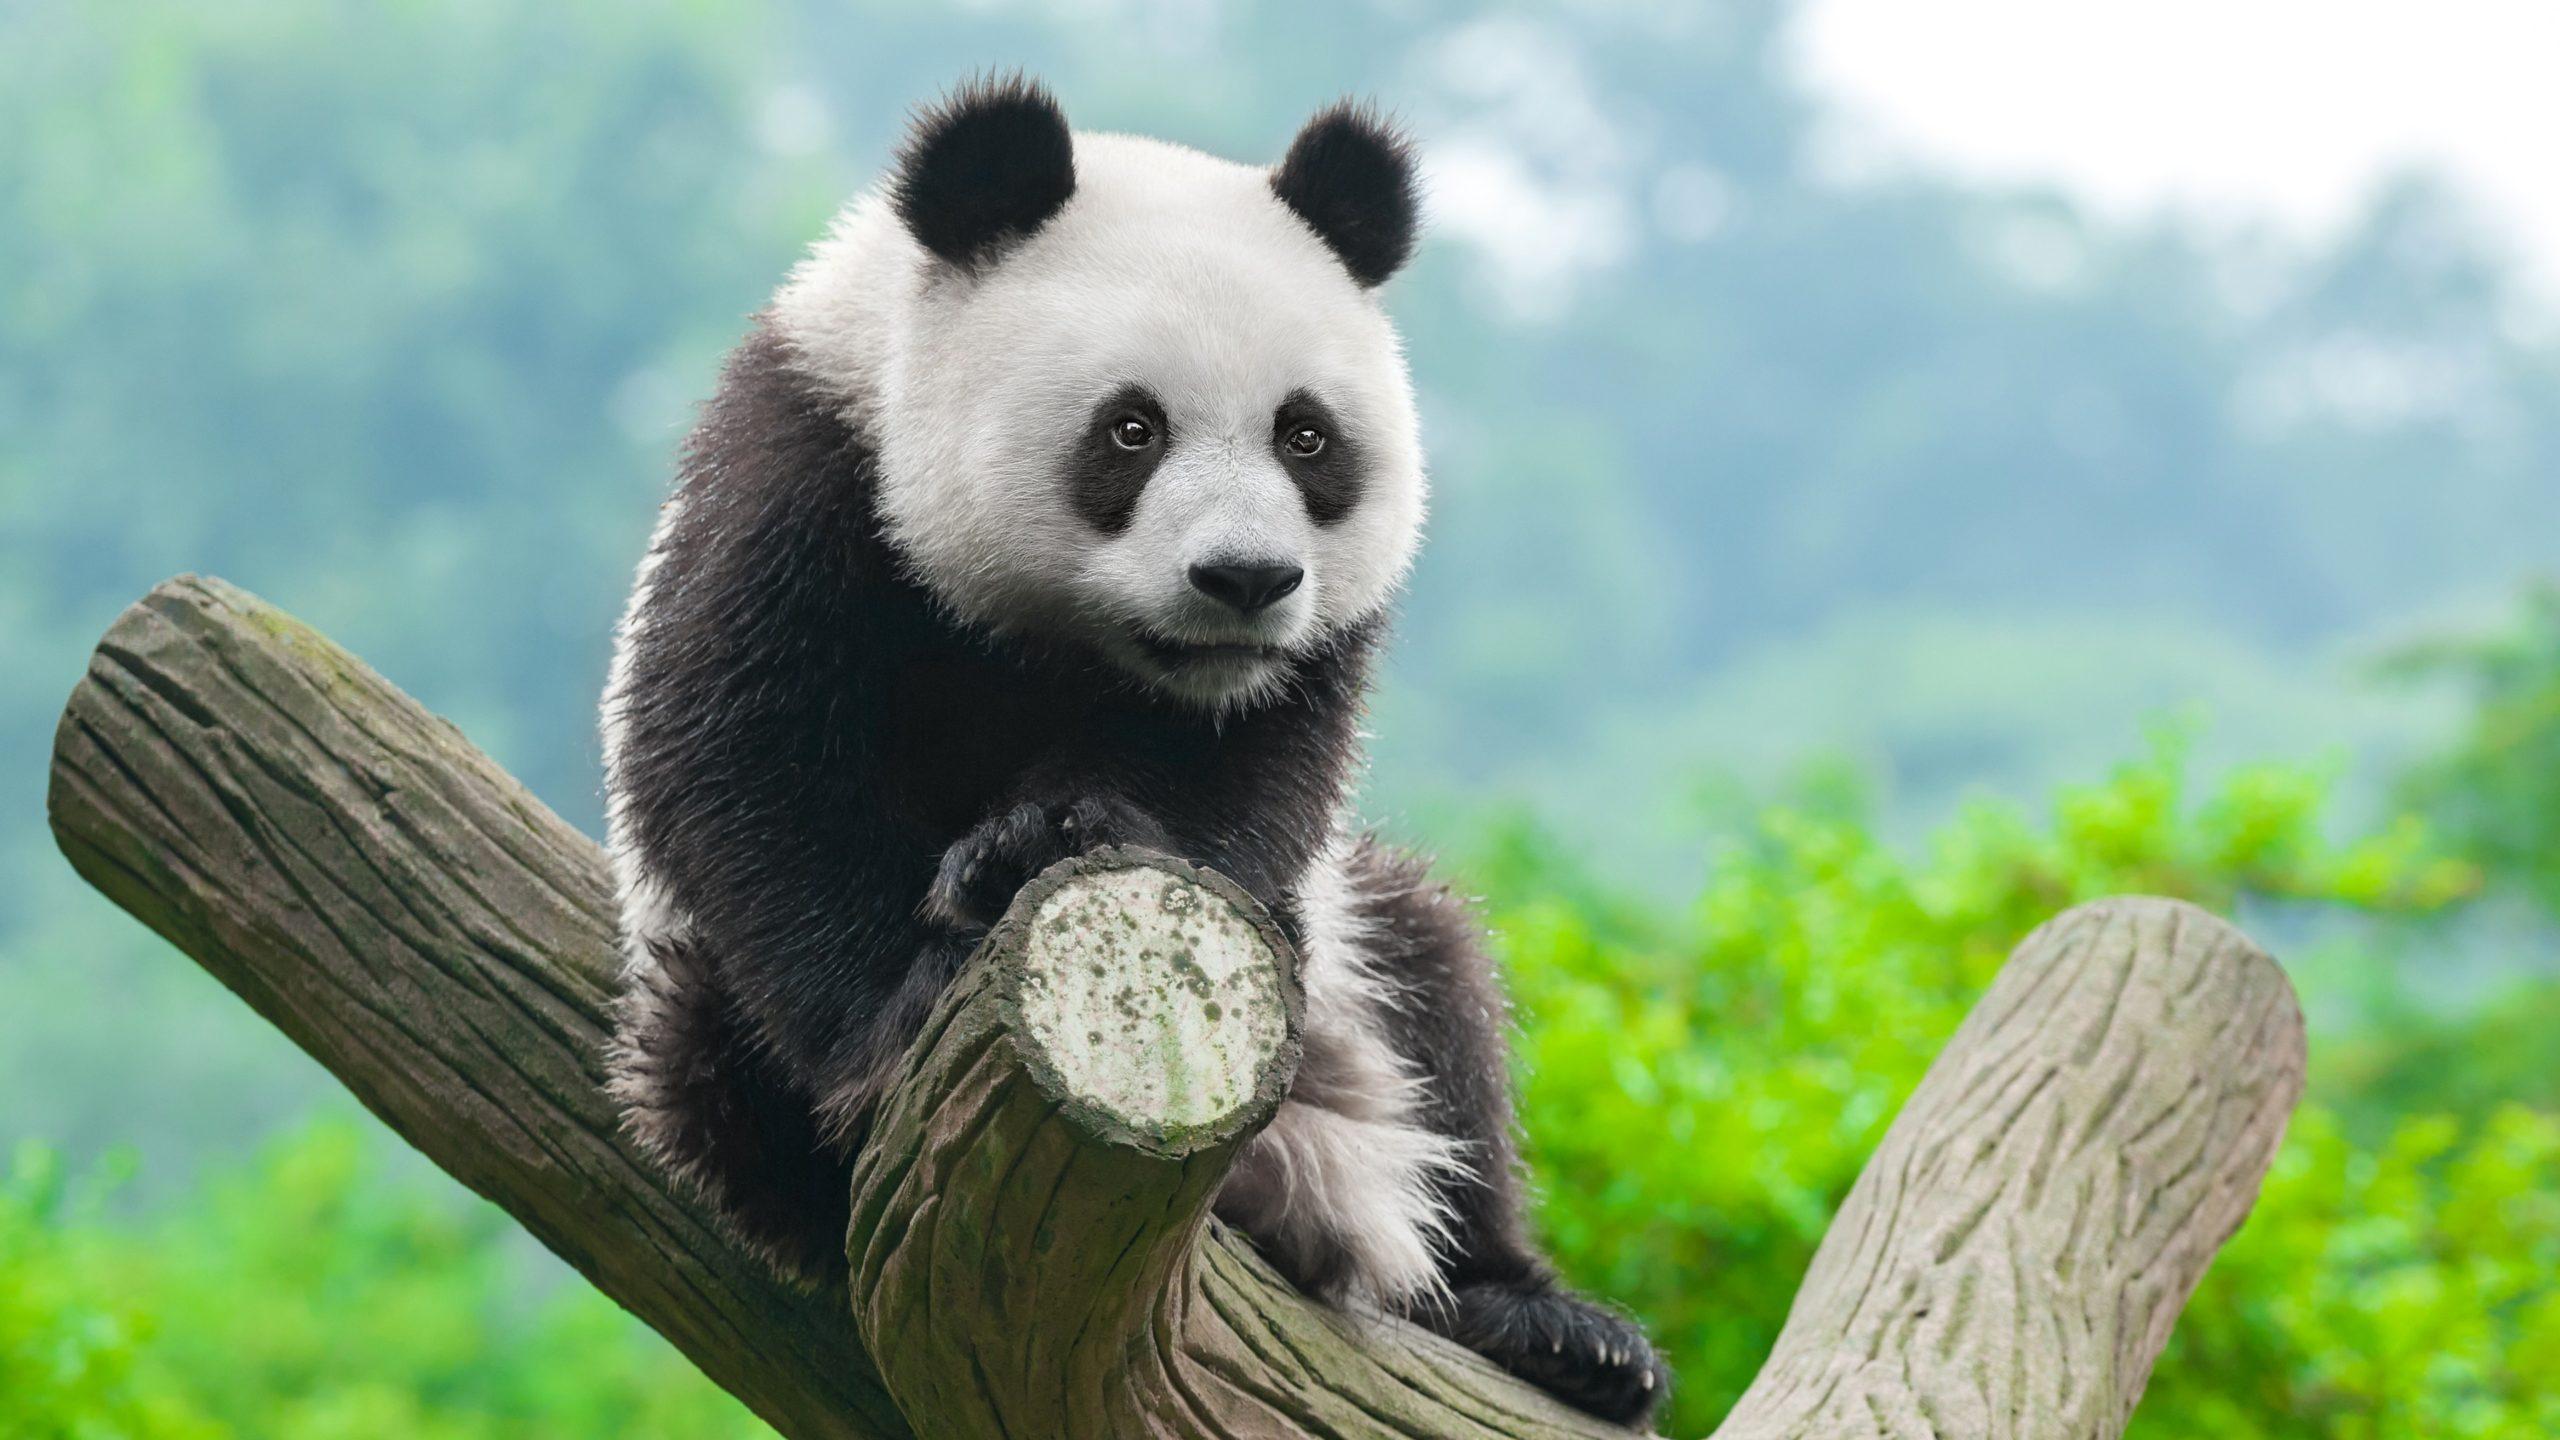 Интересные факты о пандах, описание, поведение, роль в экосистеме